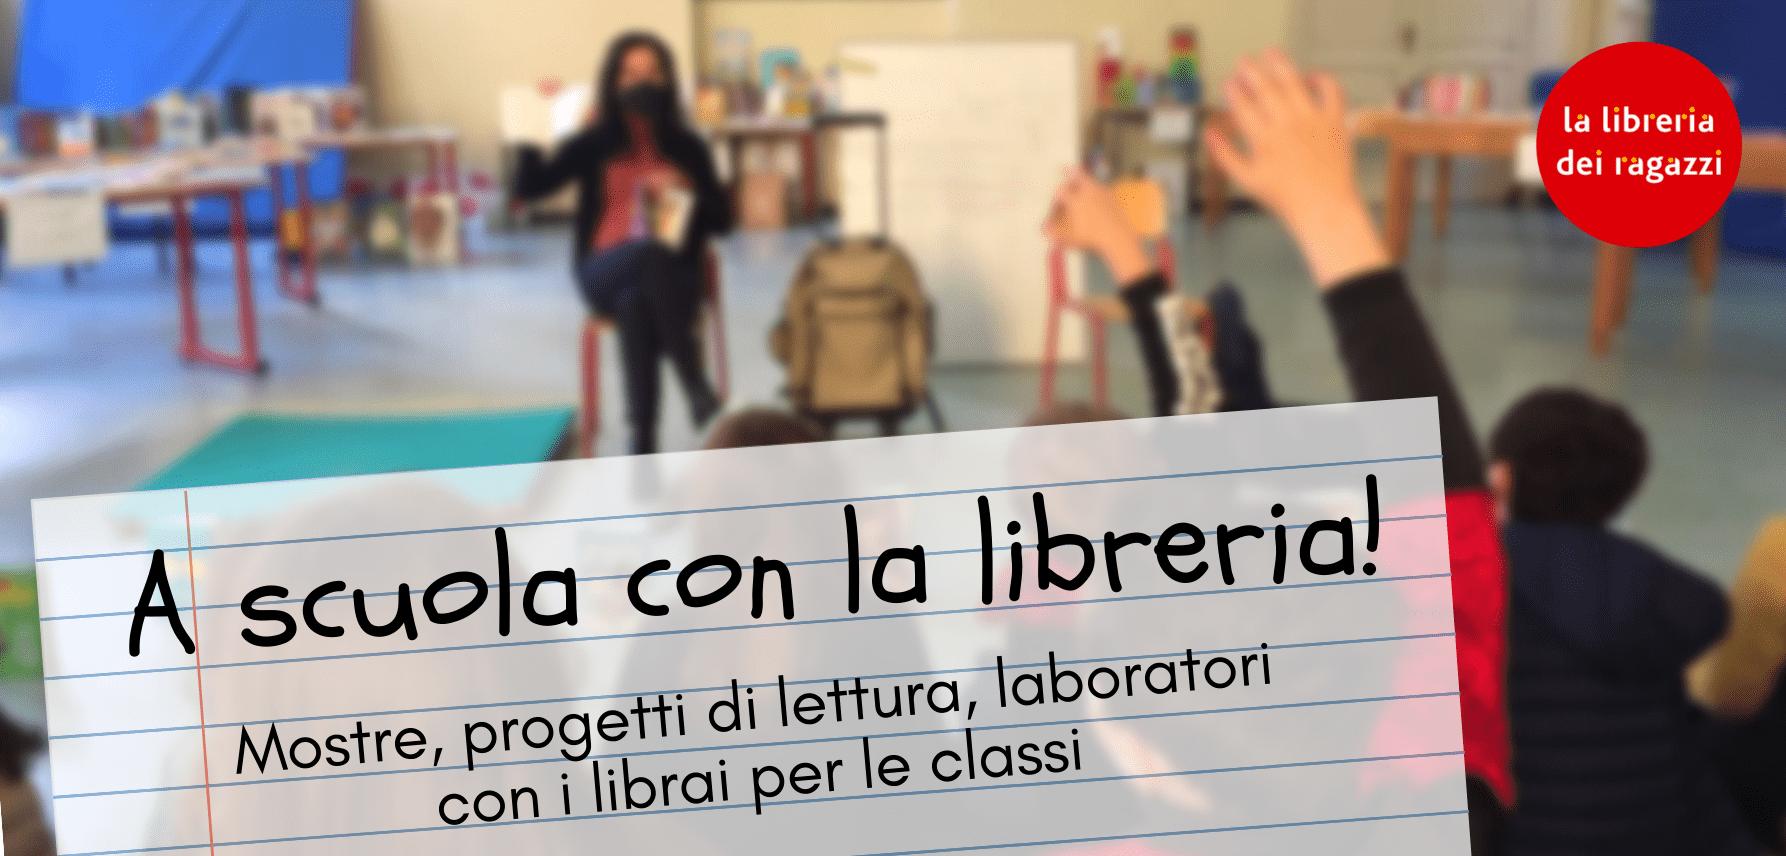 A SCUOLA CON LA LIBRERIA! Mostre, progetti di lettura, laboratori con i librai per le classi